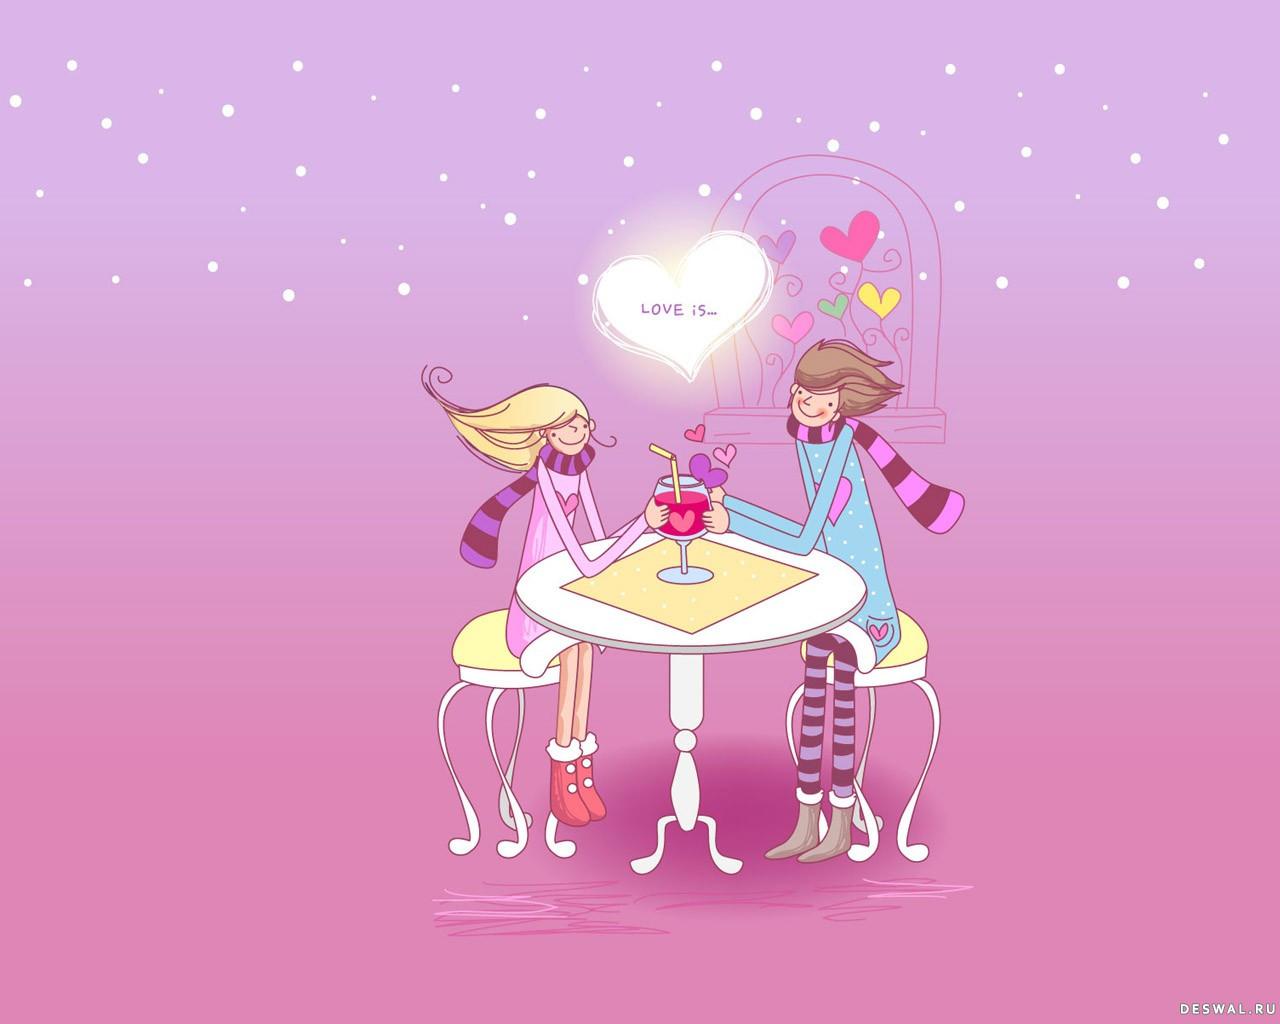 Фото 17. Нажмите на картинку с романтическими обоями - любовь, чтобы просмотреть ее в реальном размере